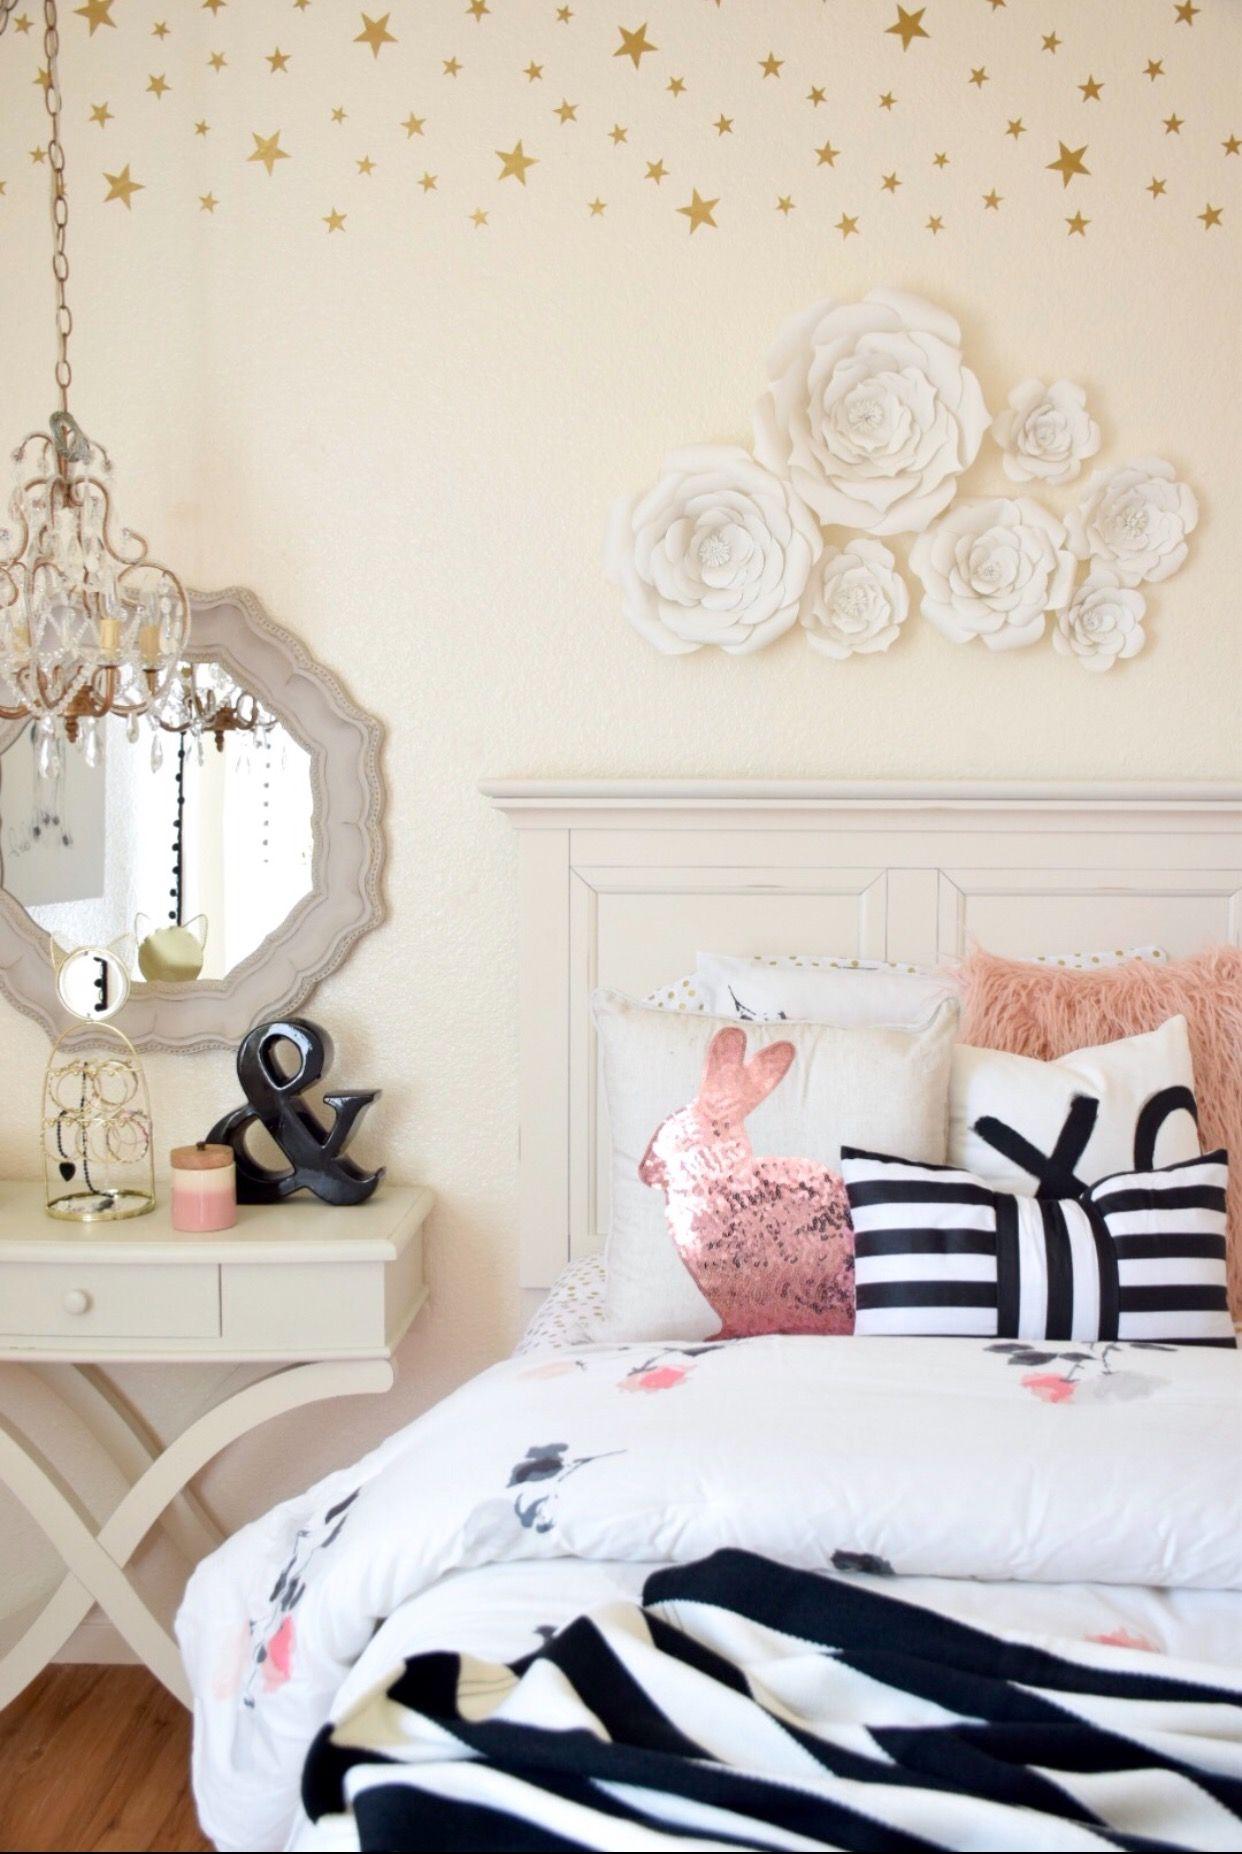 Wohnideen Schlafzimmer Mädchen pin kendra worley auf bedroom wohnideen